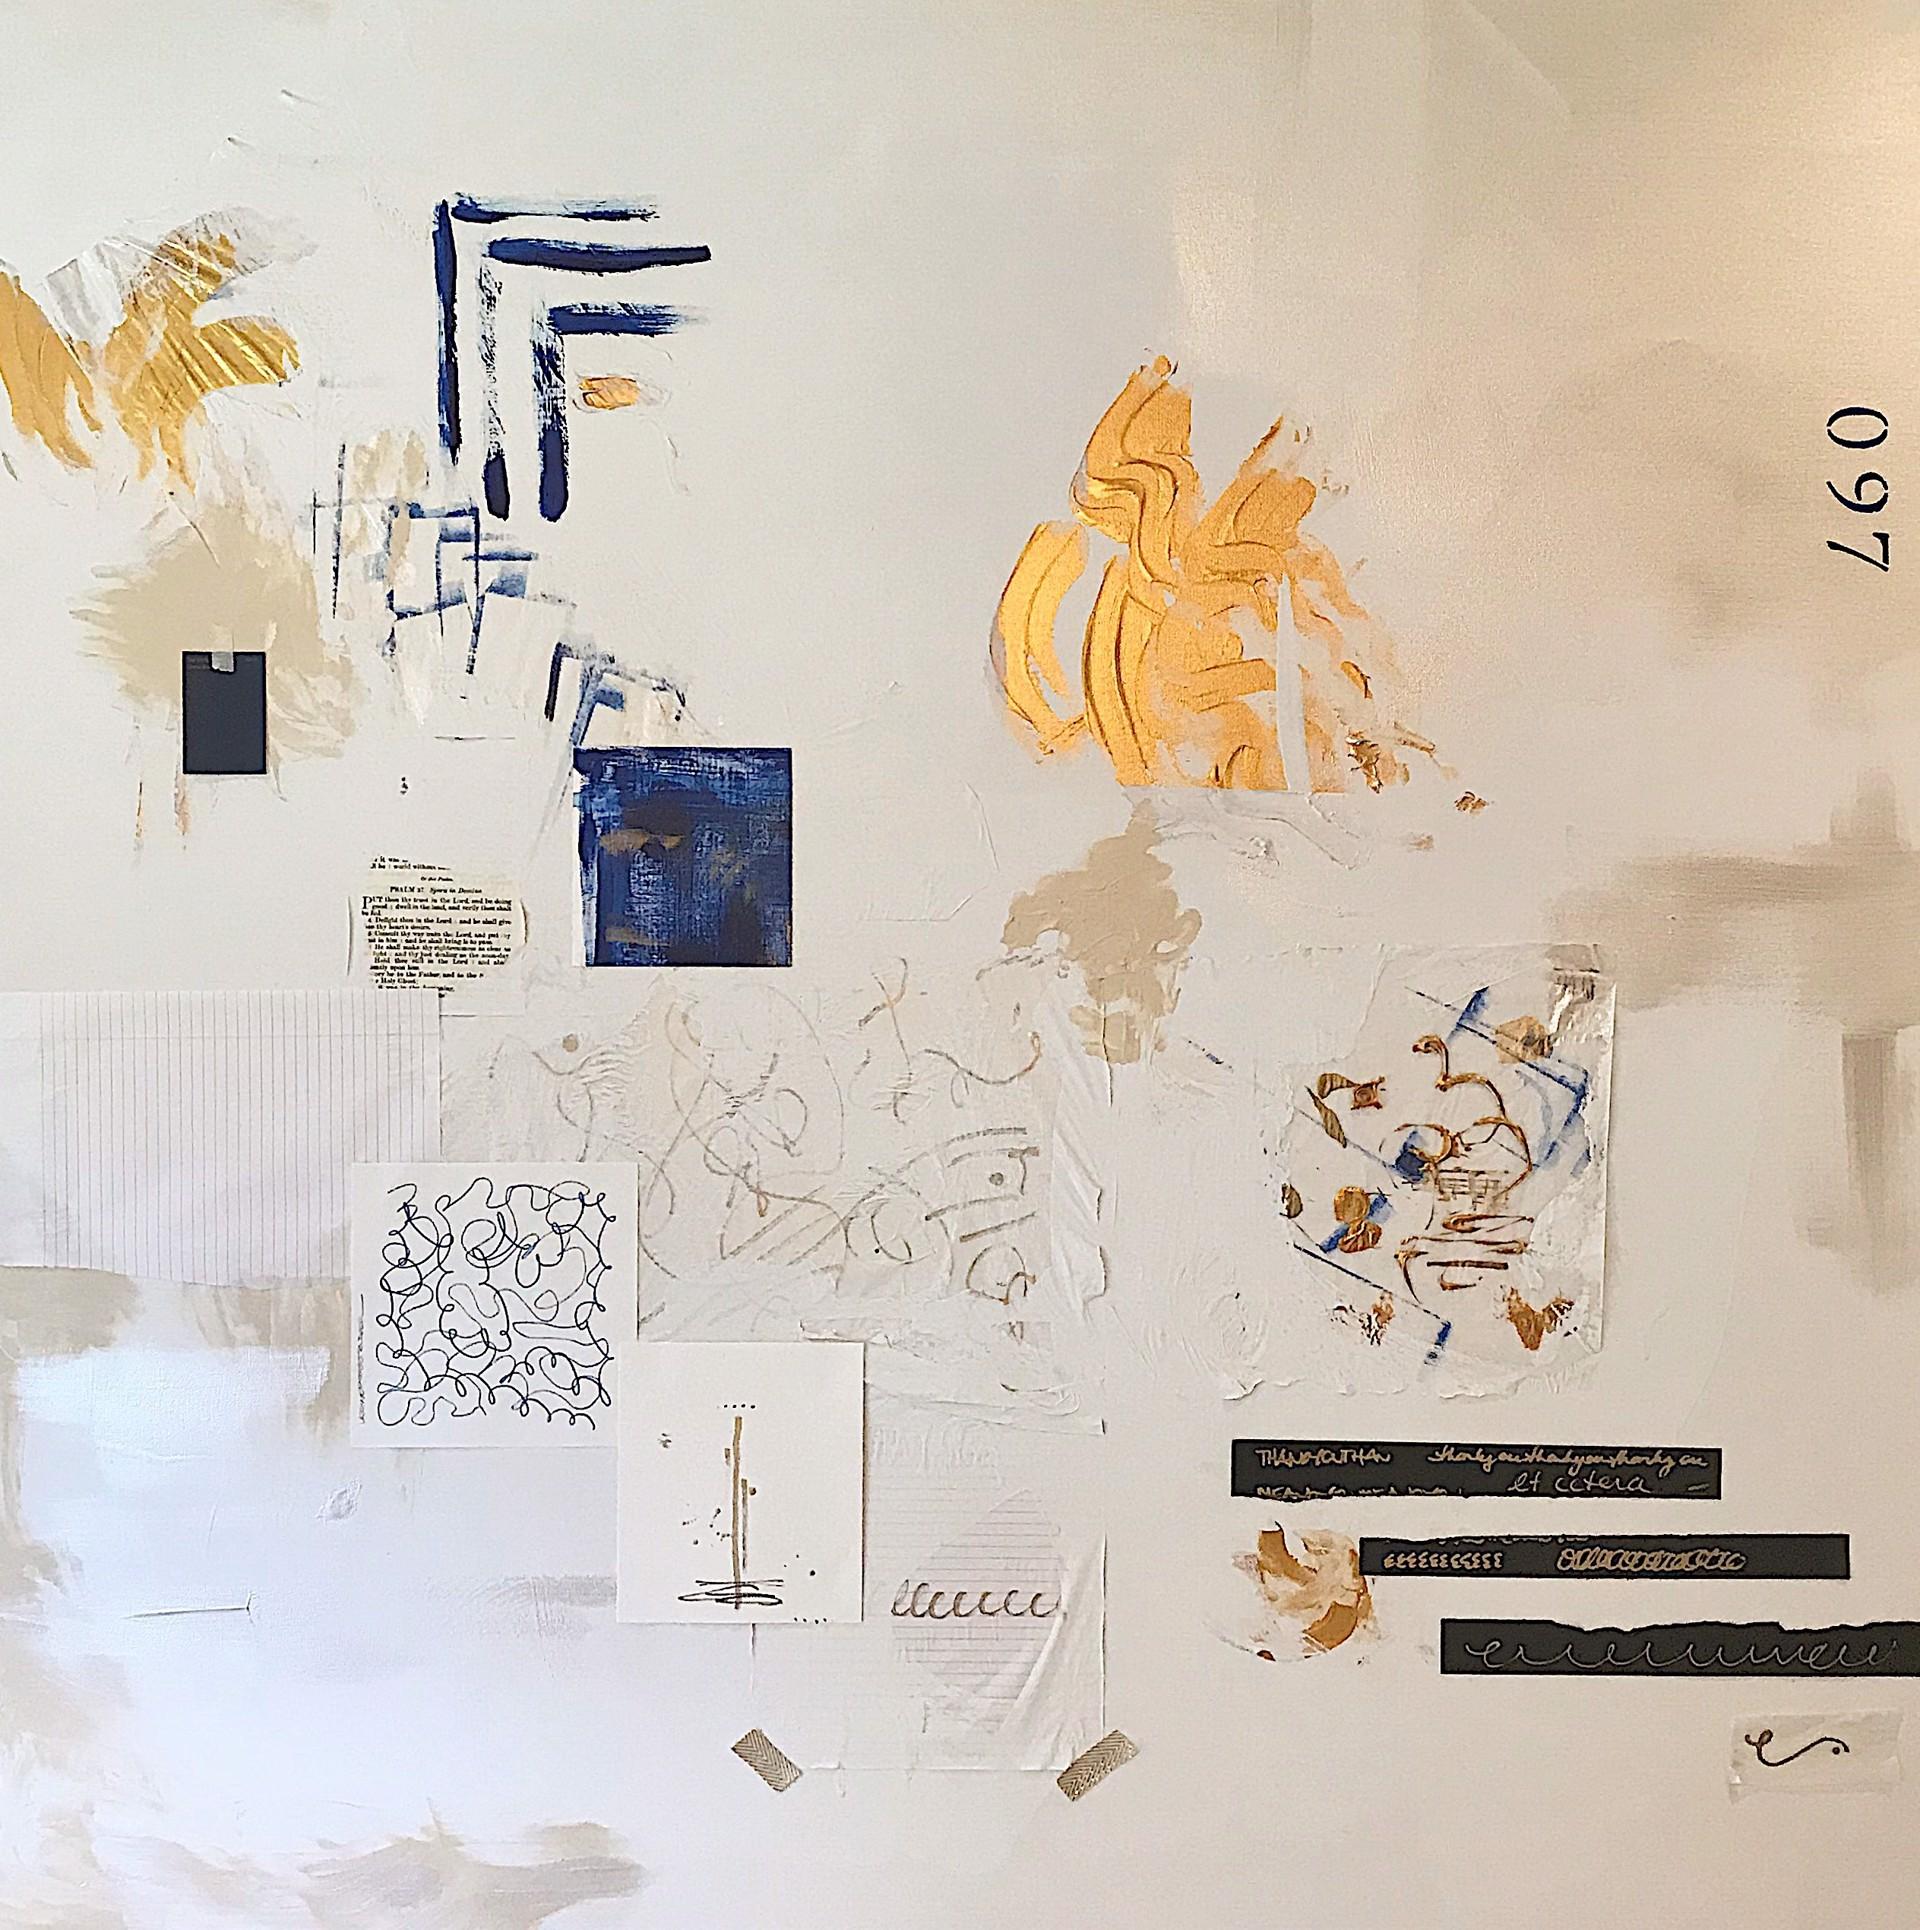 Number 097 by Leslie Poteet Busker